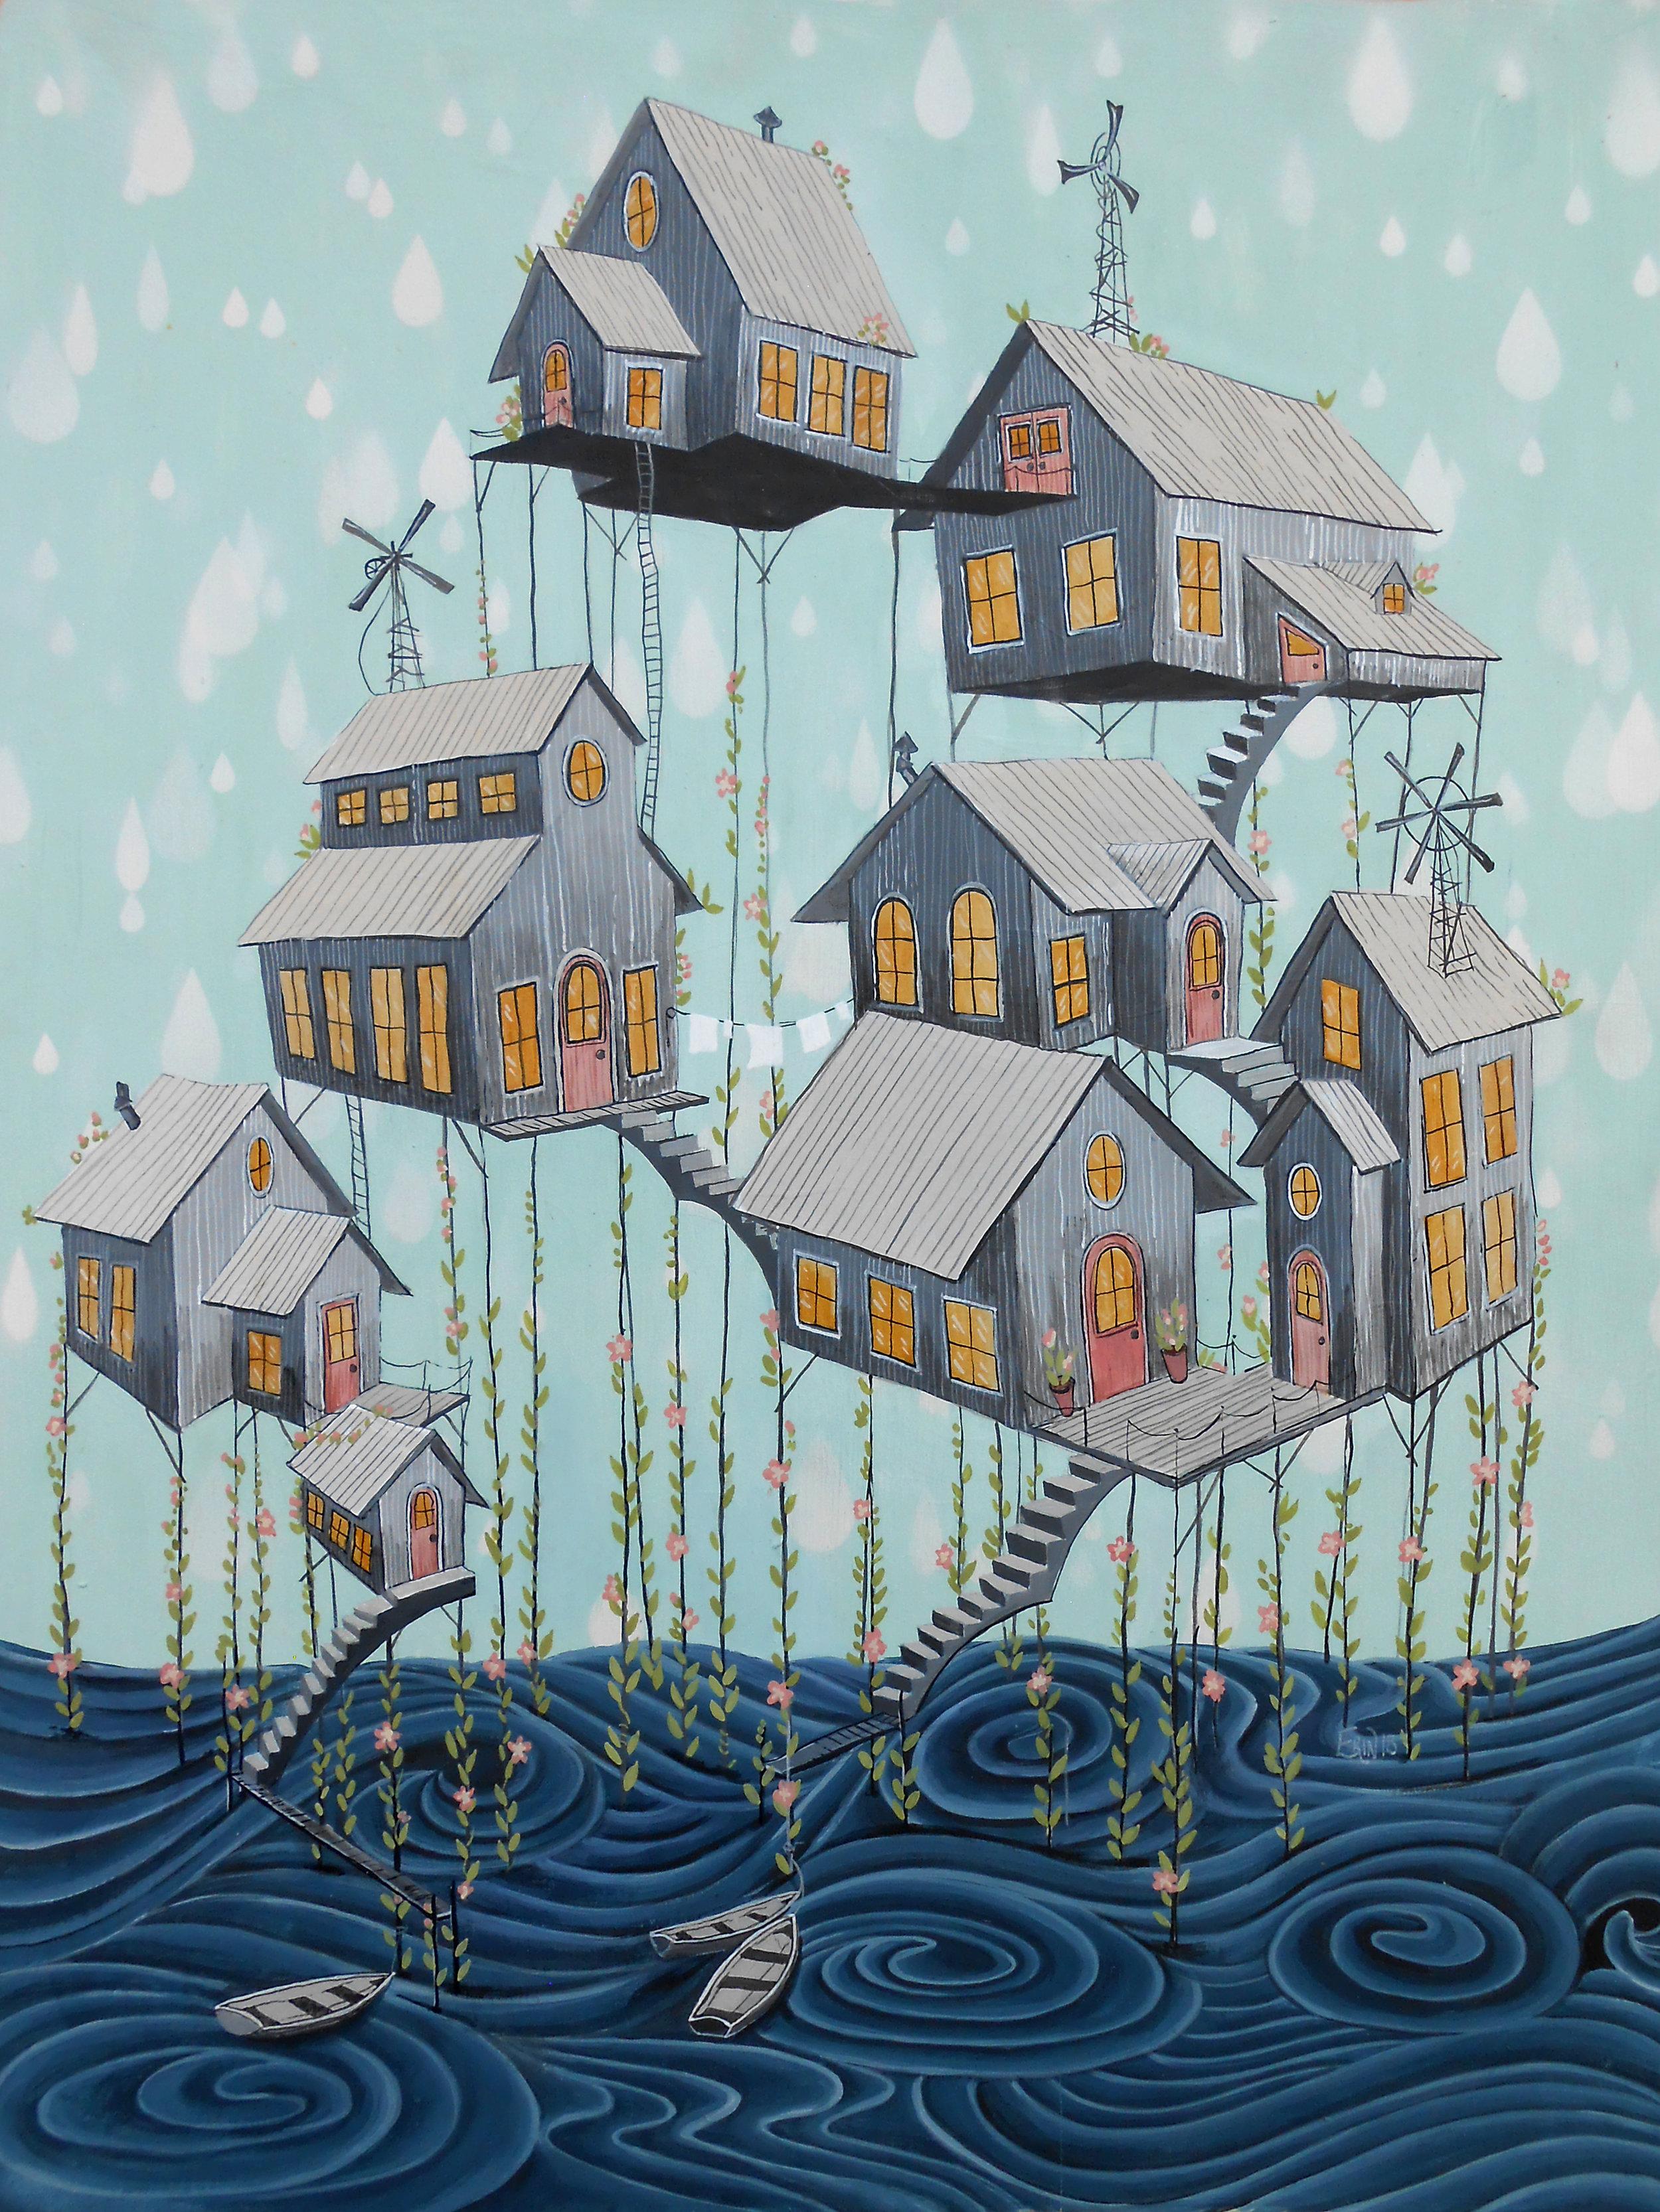 Stilt Houses #1